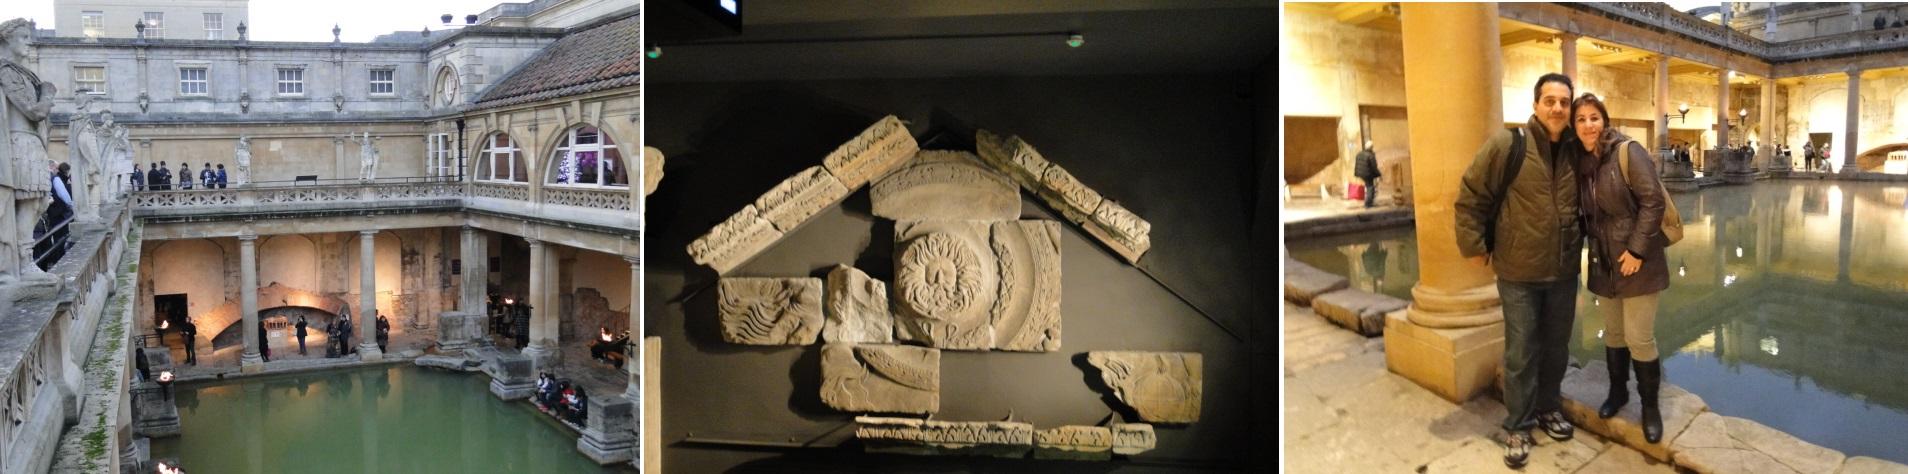 Piscinas das termas romanas e objetos encontrados nas escavações